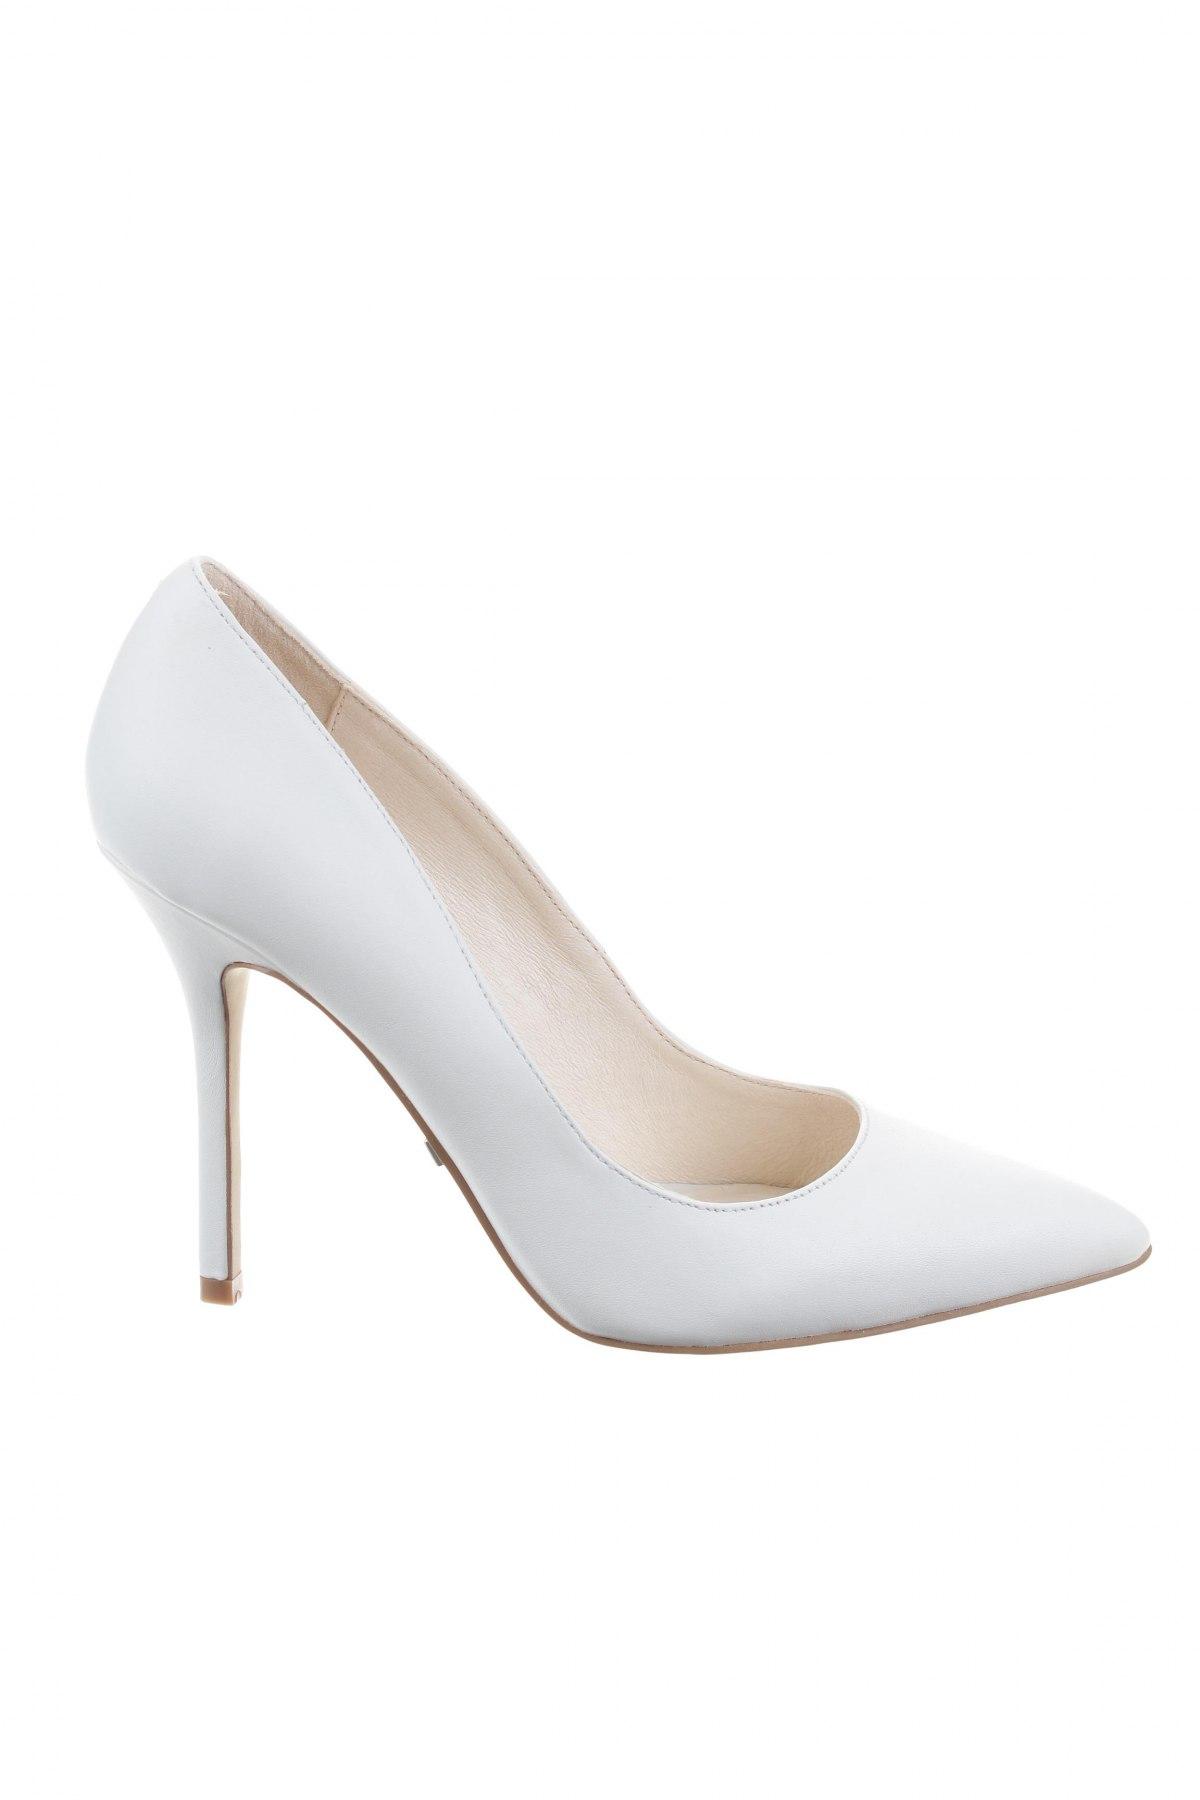 b0c8b108333e Dámske topánky Buffalo - za výhodnú cenu na Remix -  100618496